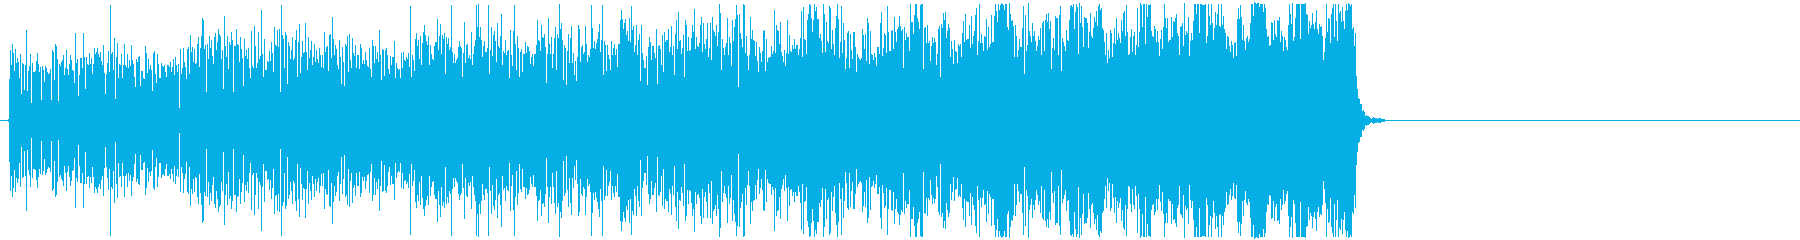 ギュイィィィ...(レーザー、チャージ)の再生済みの波形